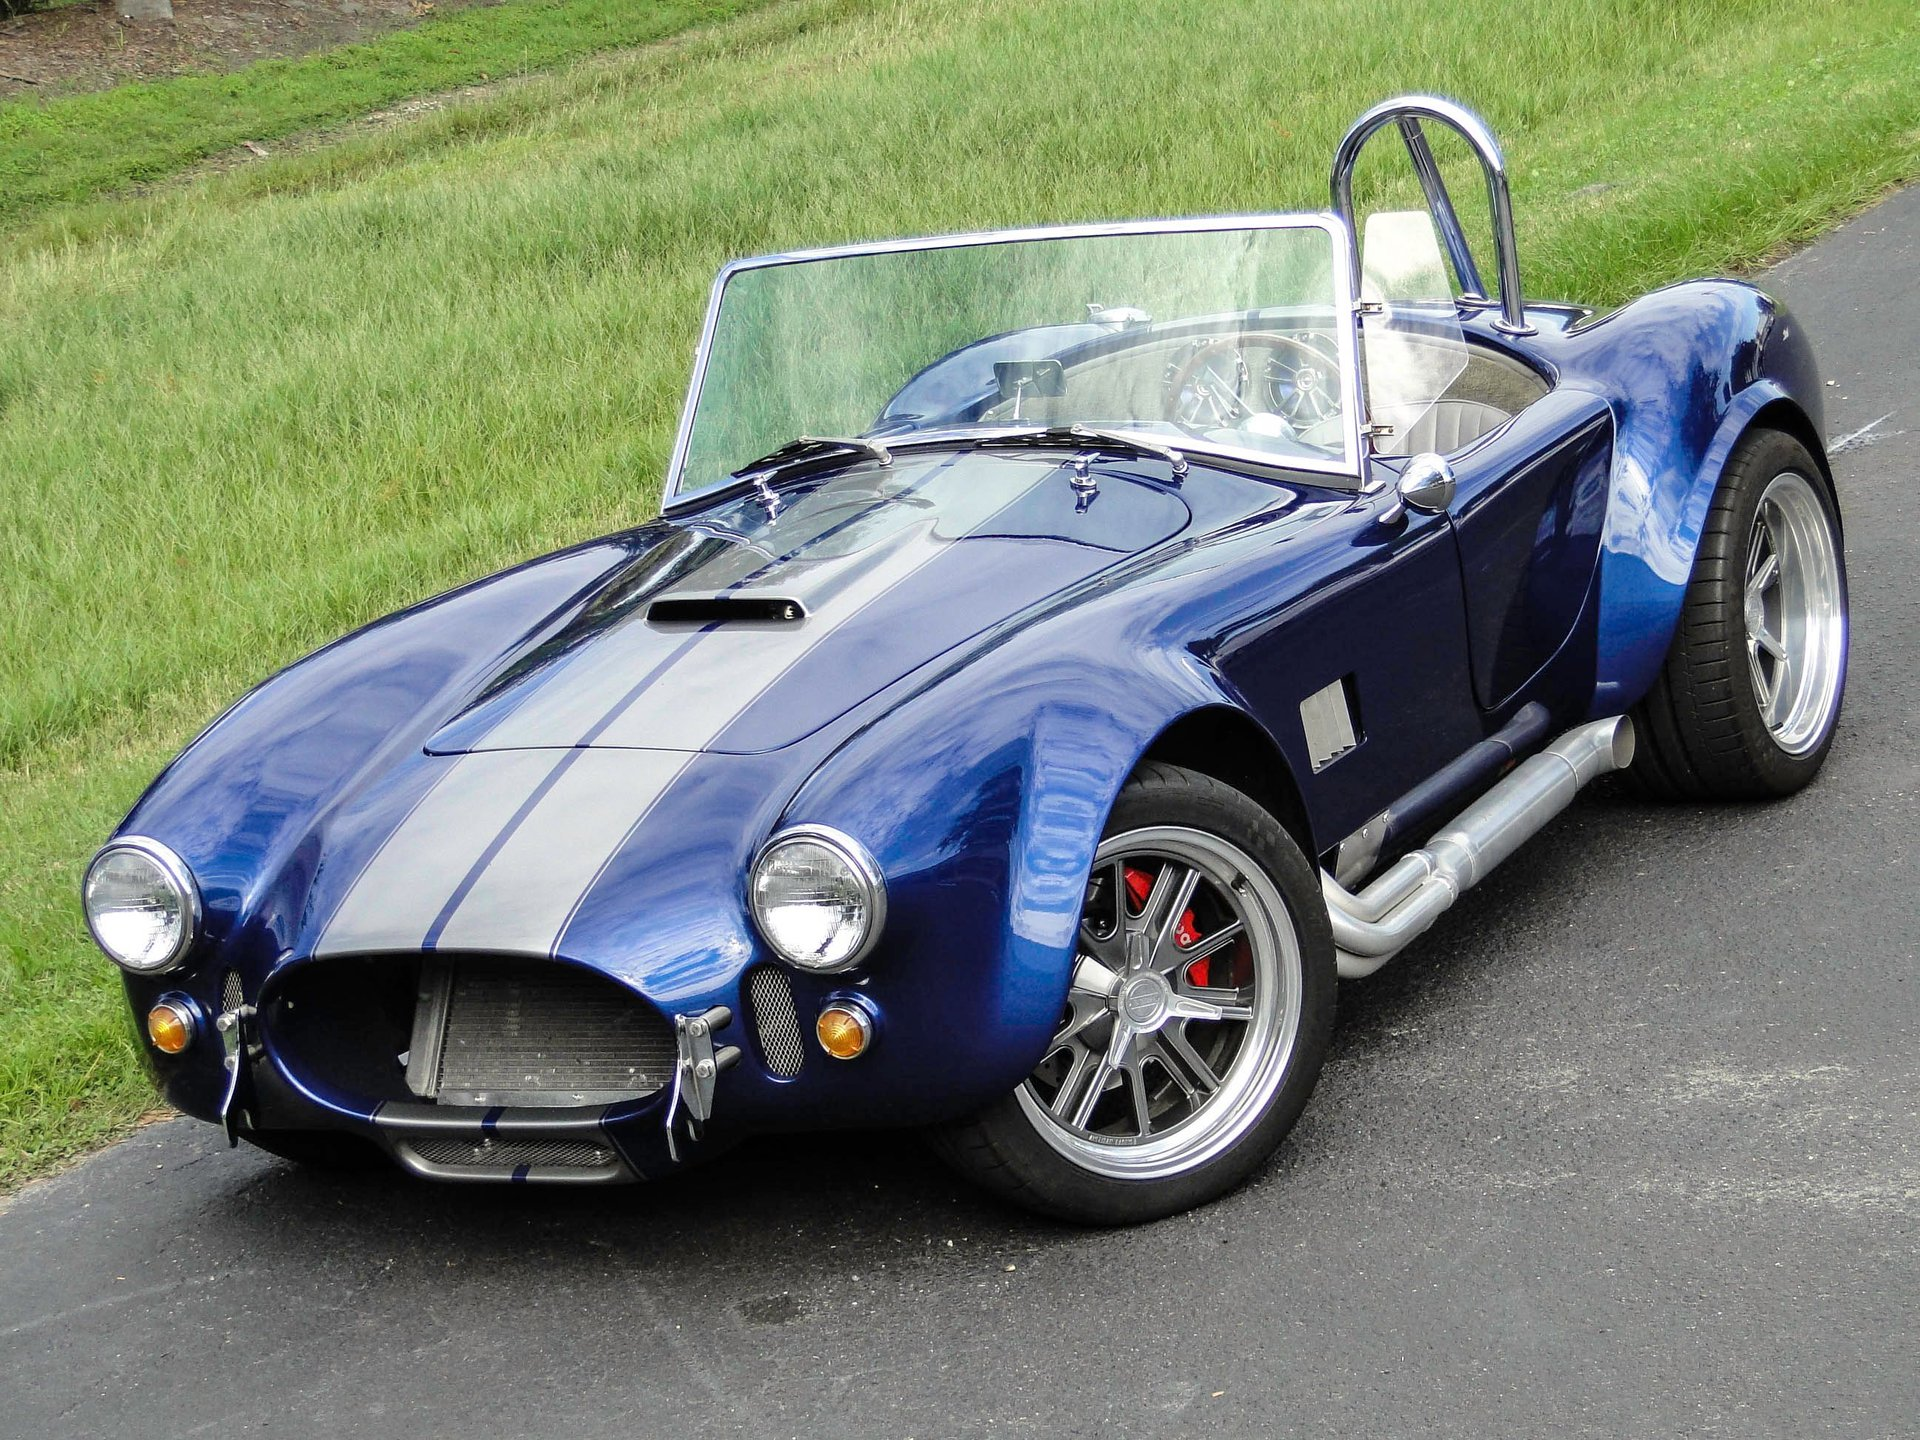 1967 Shelby Cobra Replica